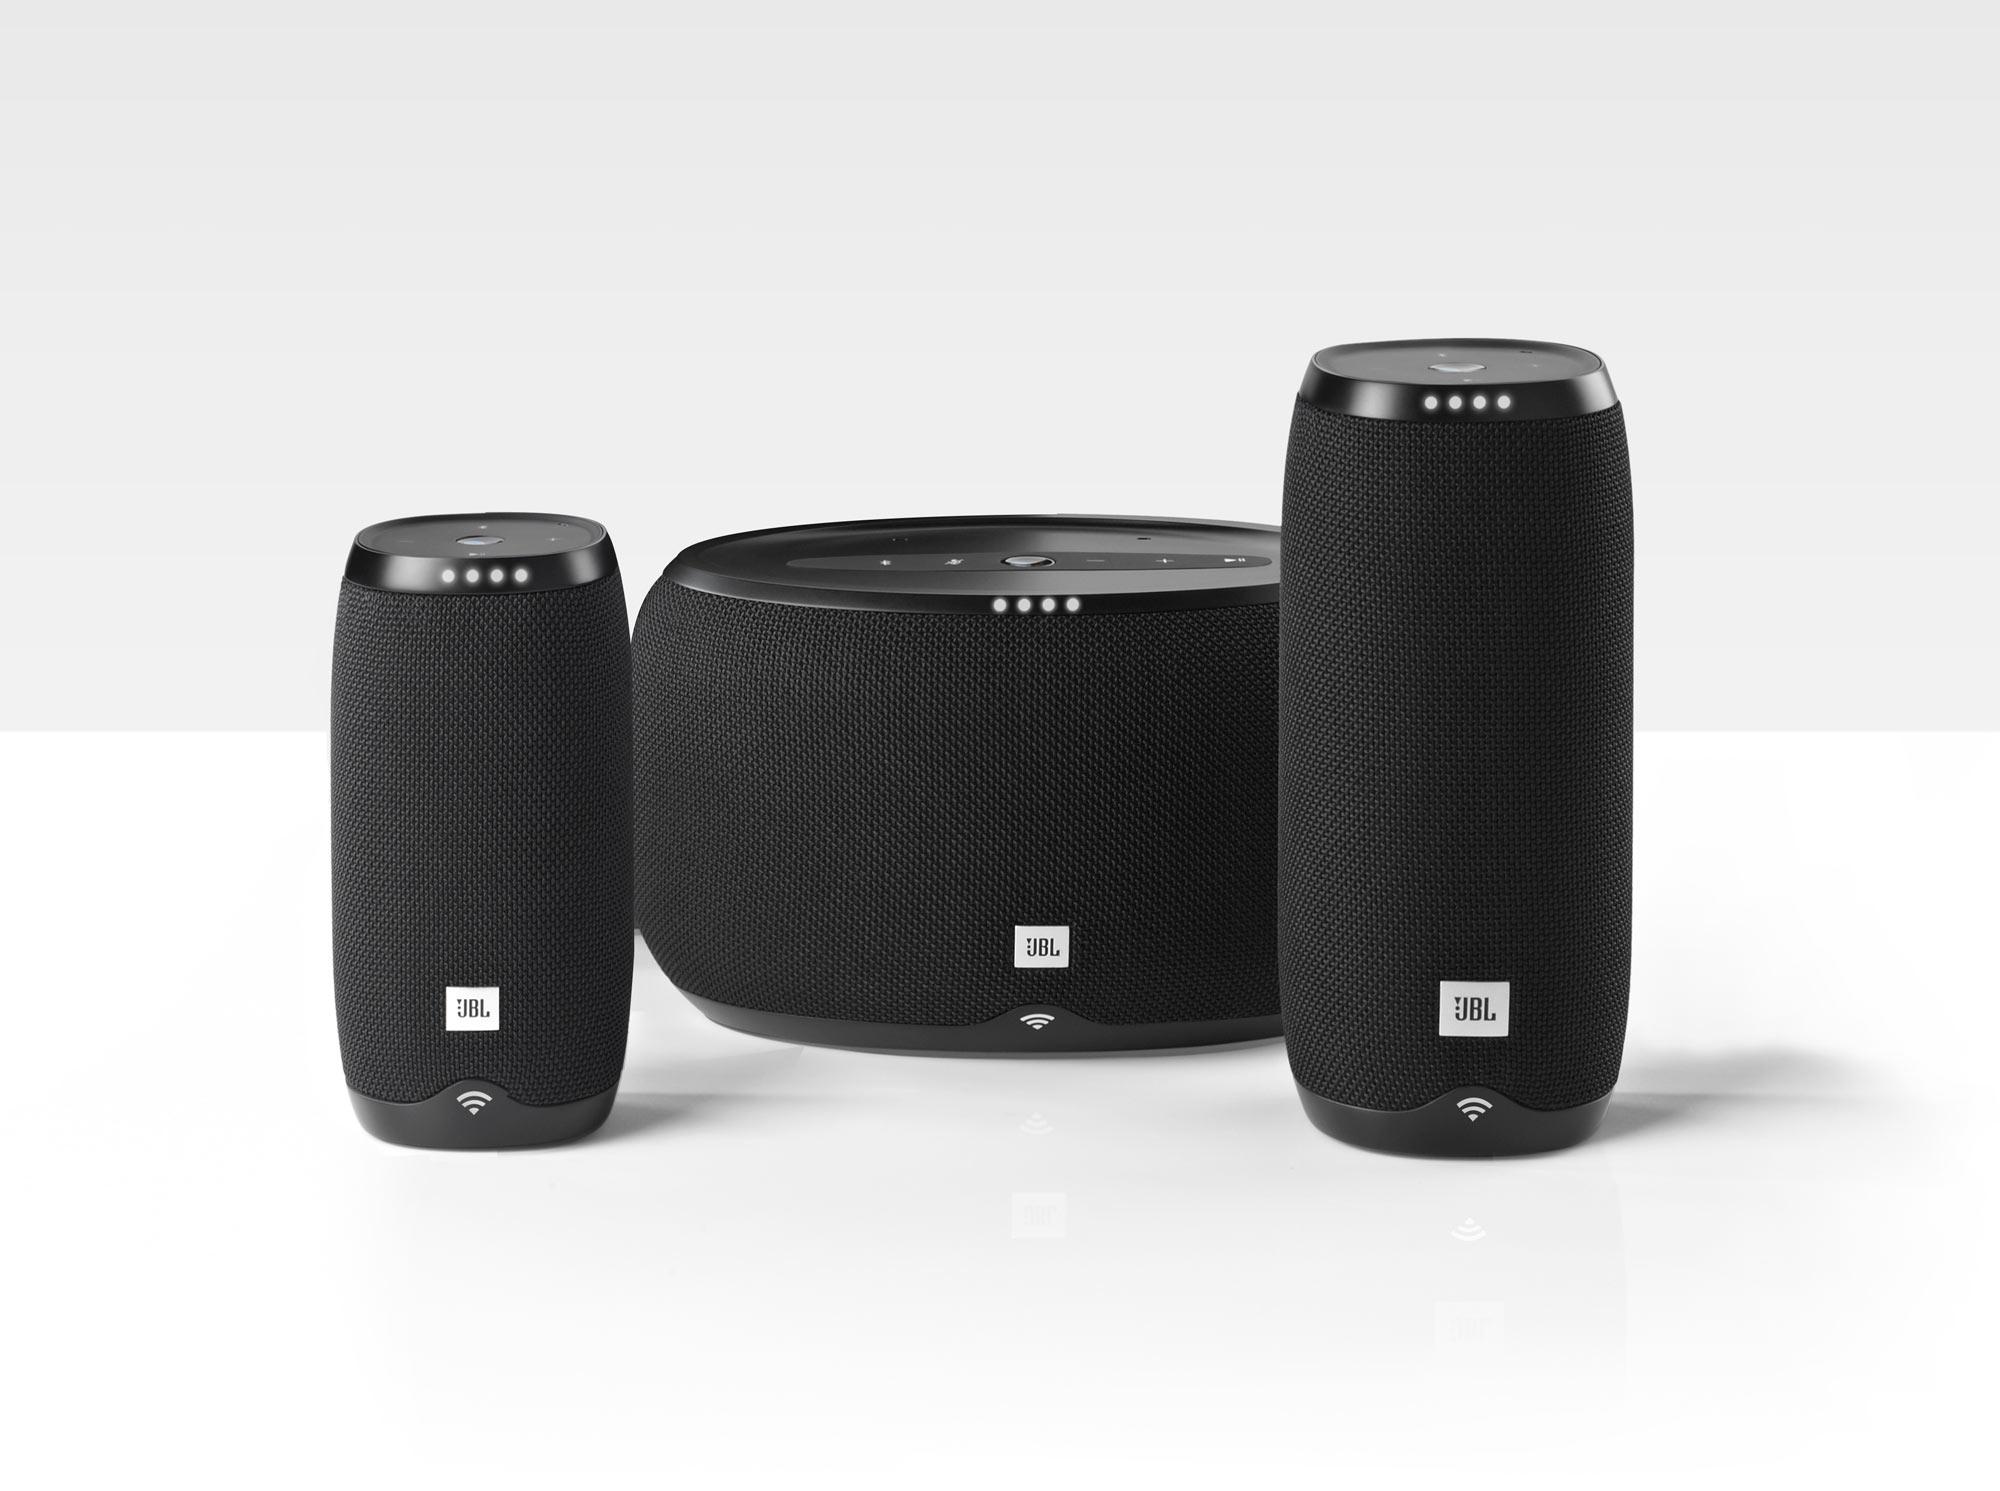 اسپیکرهای بلوتوث سری JBL LINK با قابلیت کارکرد با دستیار صوتی گوگل معرفی شدند